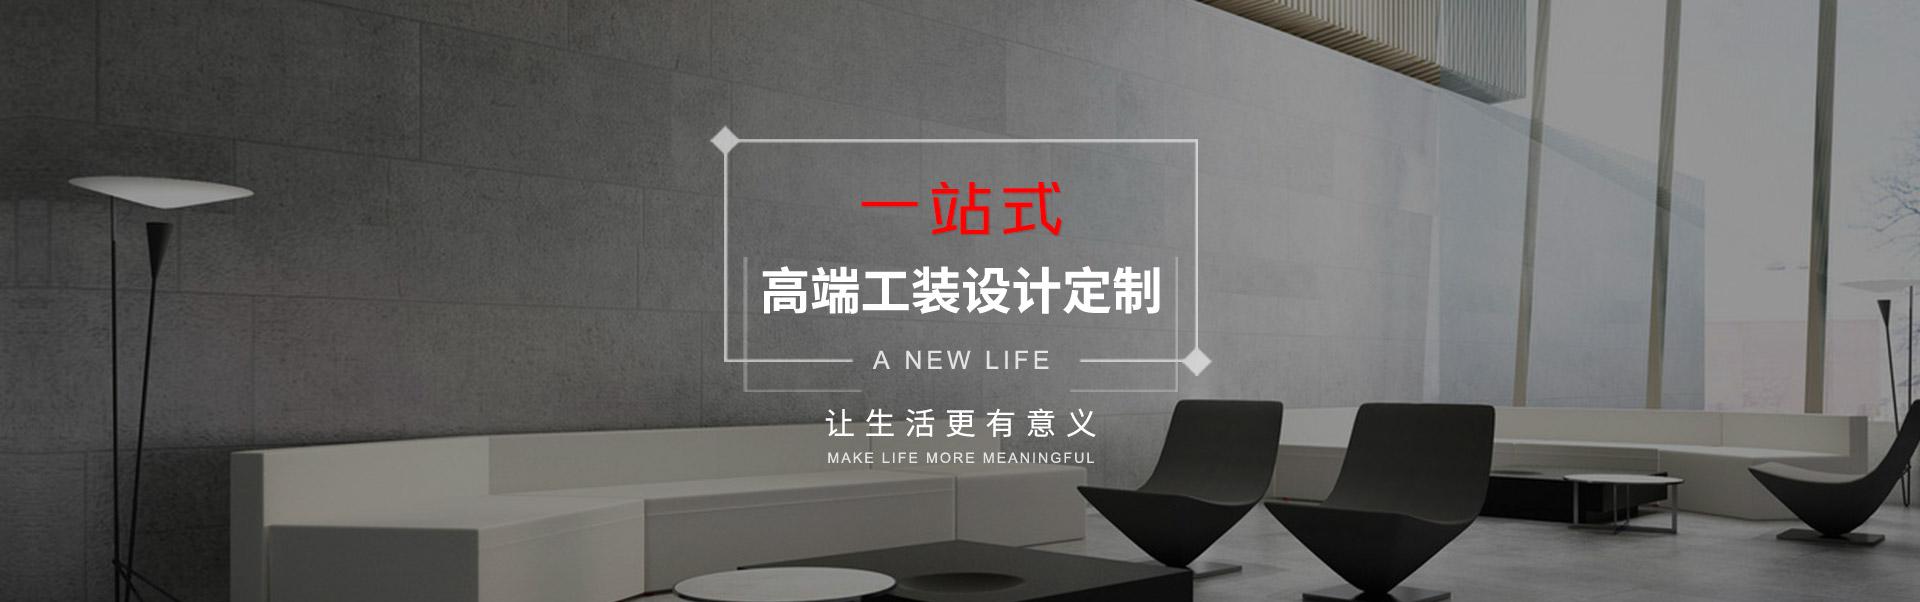 上海群诺建筑装潢设计有限公司